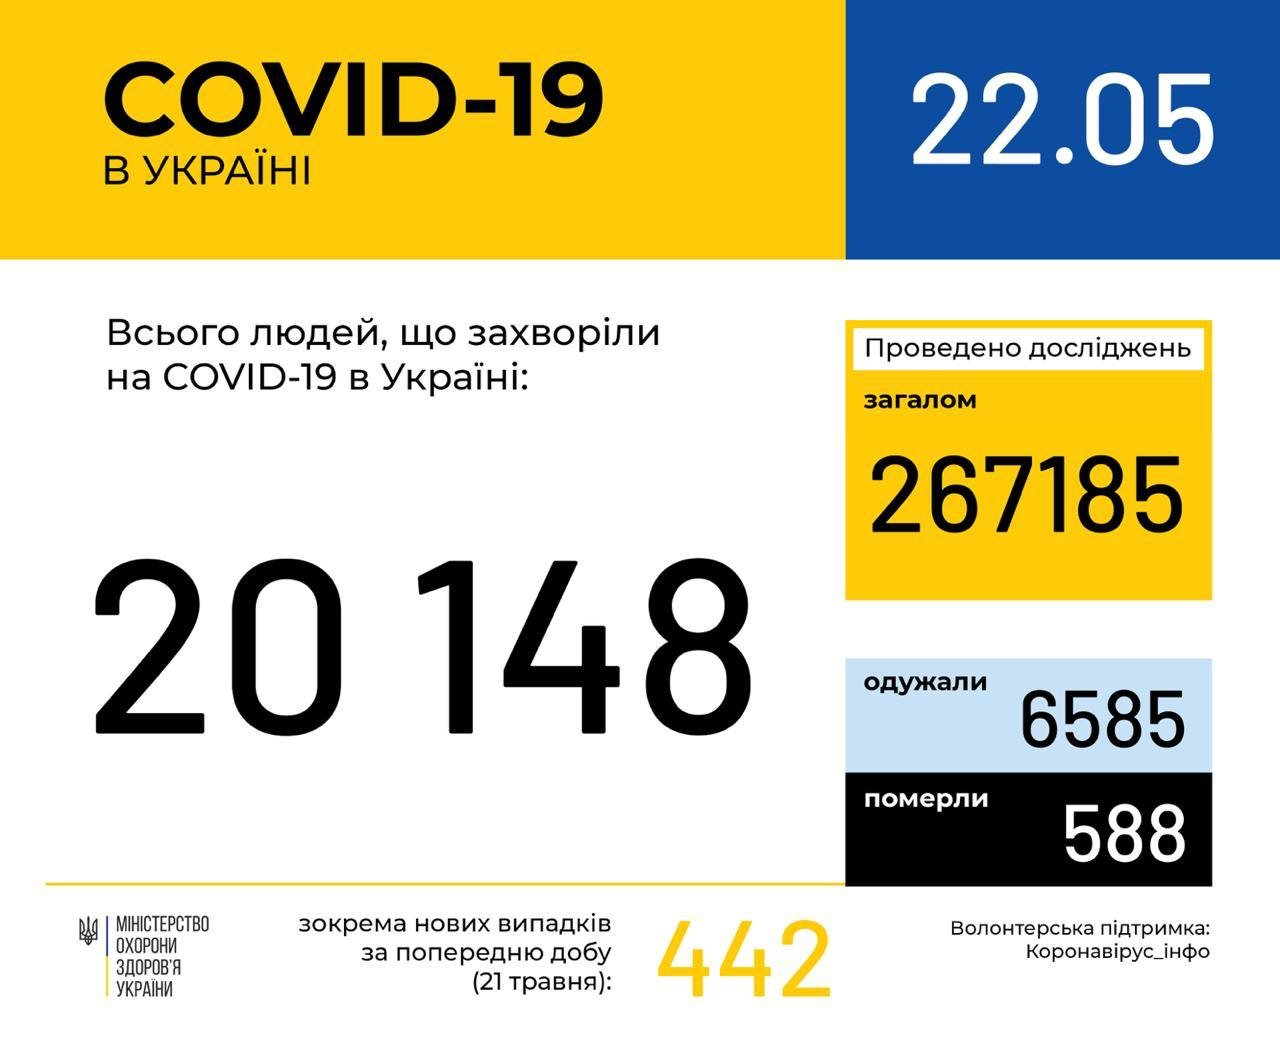 Інфіковані понад 20 тисяч, померли майже 600 осіб: статистика COVID-19 по Україні